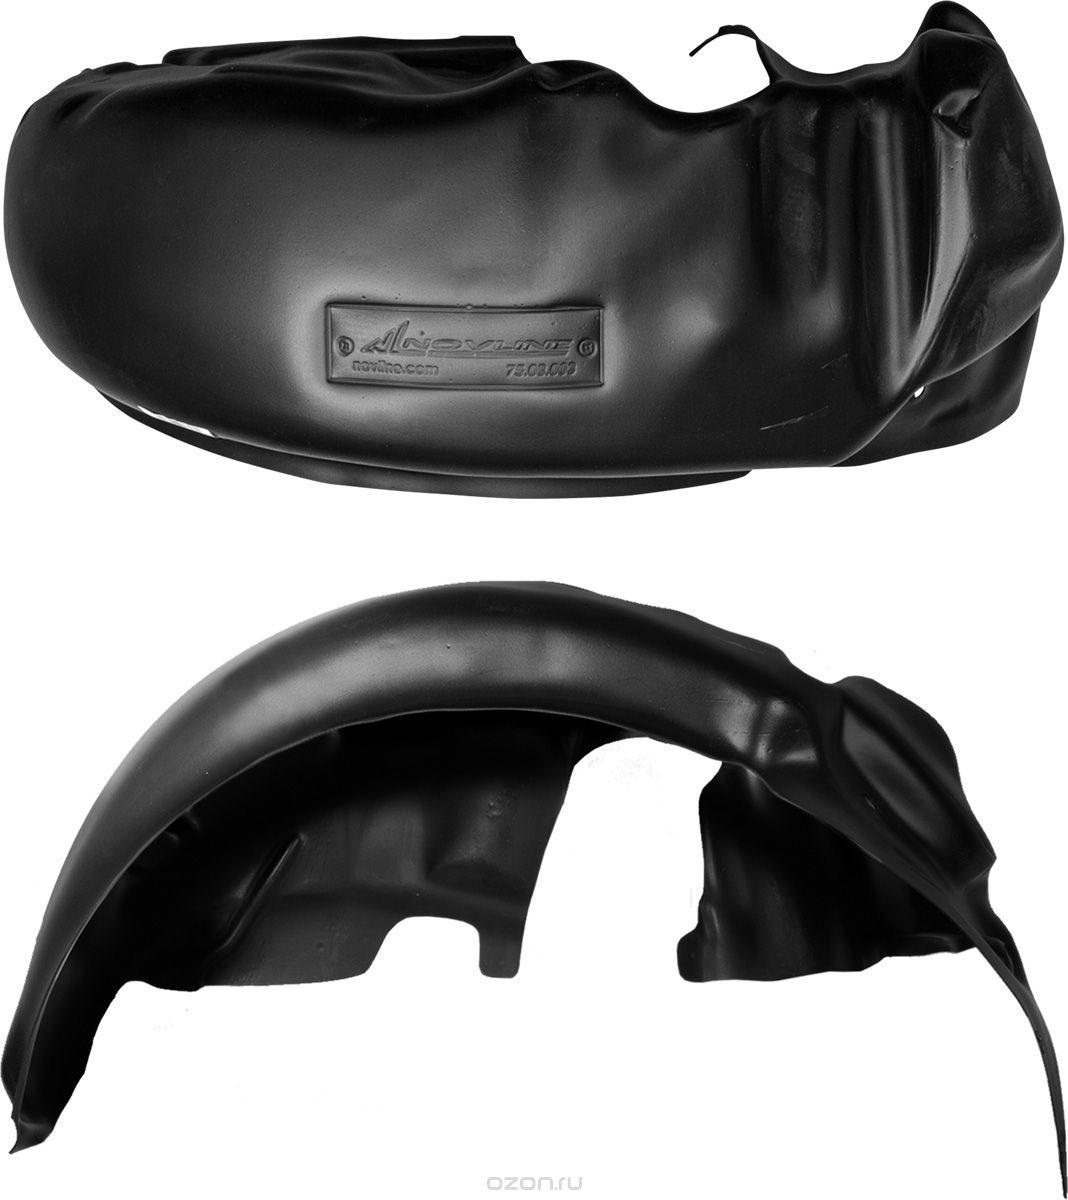 Подкрылок Novline-Autofamily, для Fiat Linea, 2007->, седан, задний левыйNLL.15.14.003Идеальная защита колесной ниши. Локеры разработаны с применением цифровых технологий, гарантируют максимальную повторяемость поверхности арки. Изделия устанавливаются без нарушения лакокрасочного покрытия автомобиля, каждый подкрылок комплектуется крепежом. Уважаемые клиенты, обращаем ваше внимание, что фотографии на подкрылки универсальные и не отражают реальную форму изделия. При этом само изделие идет точно под размер указанного автомобиля.